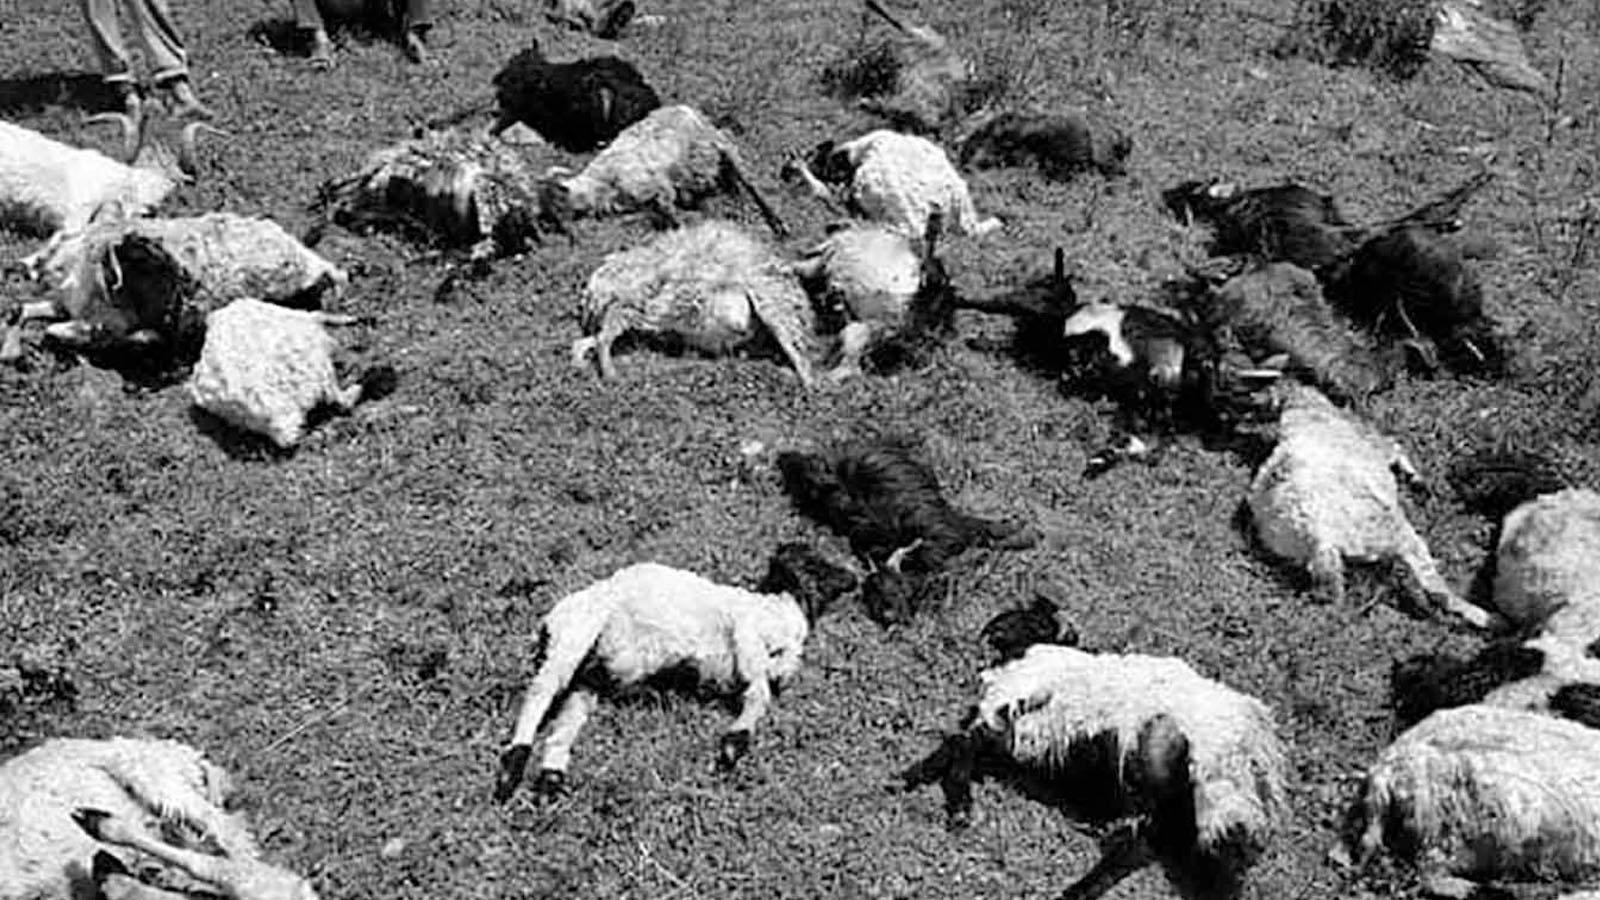 जुम्लामा चट्याङमा परेर ४० भेडा मरे, साढे ६ लाखको क्षती